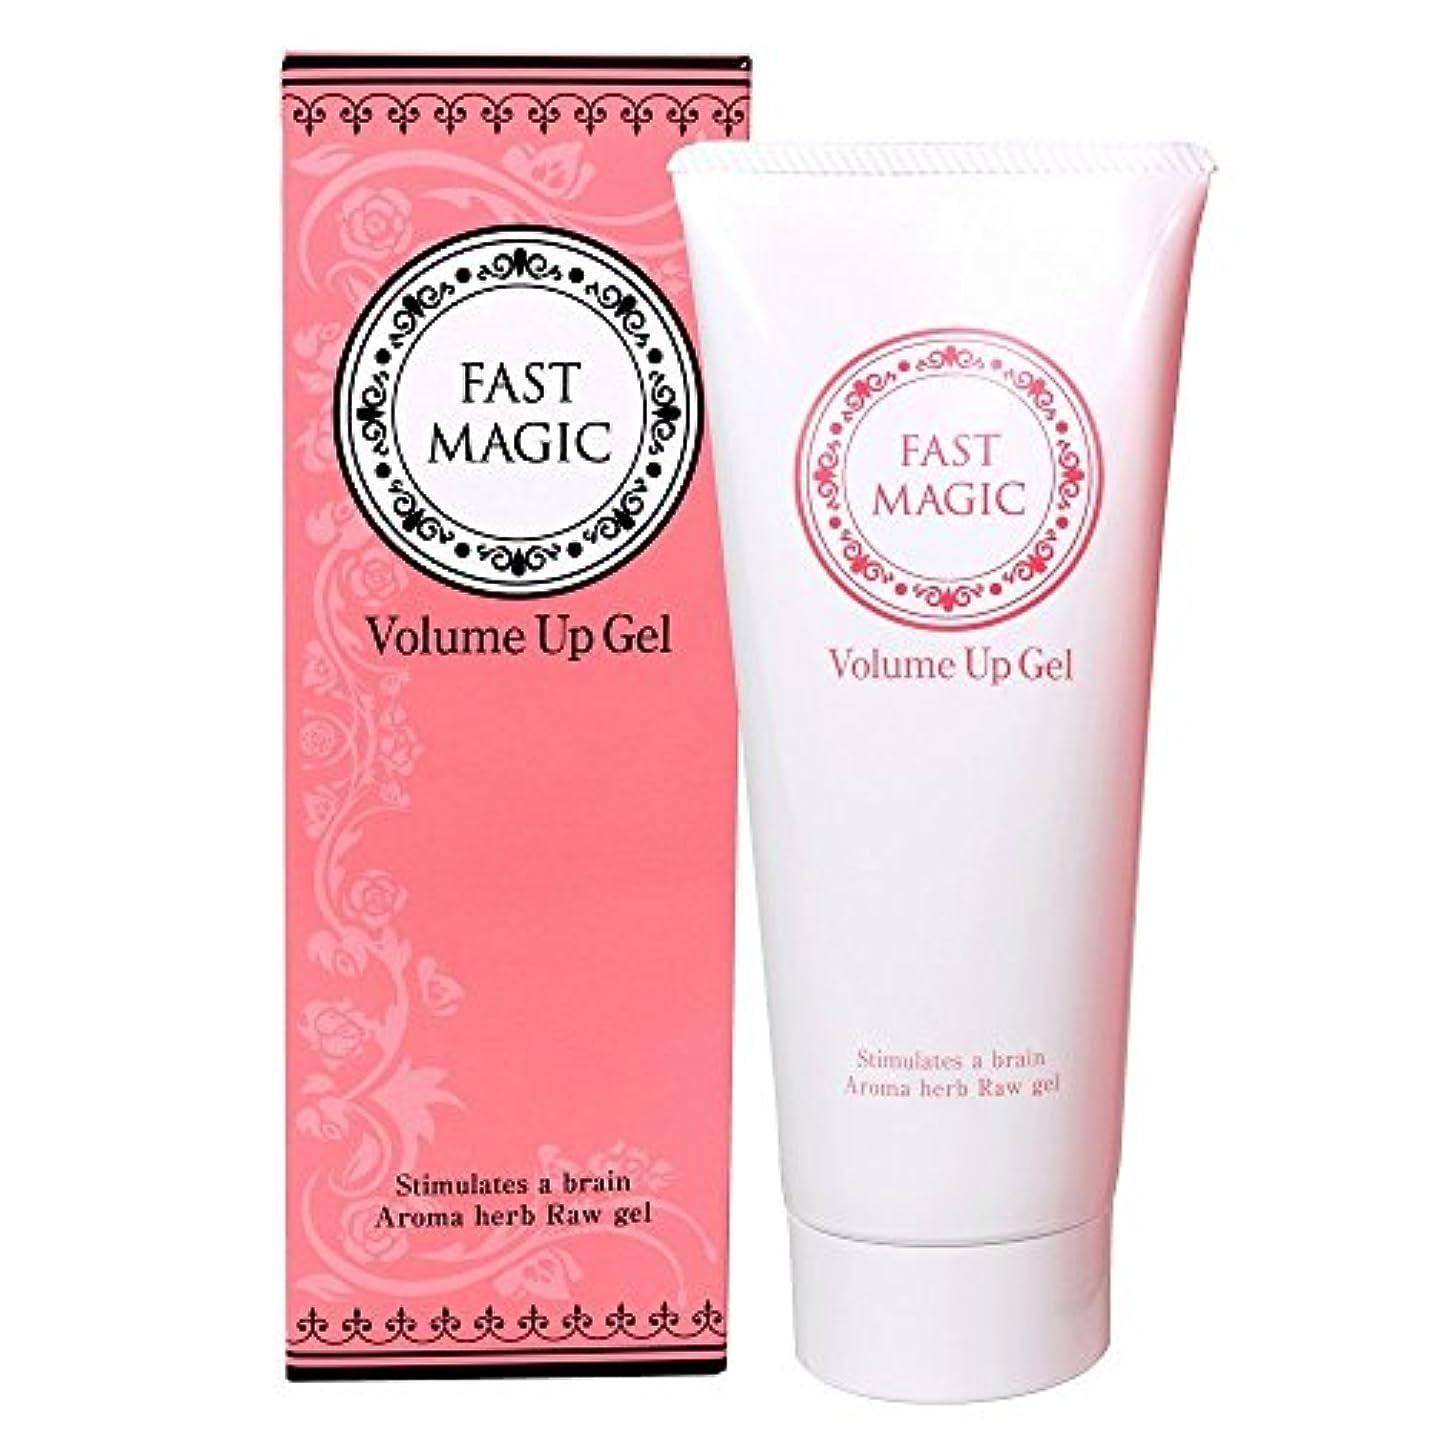 オプション可愛い増強するファストマジックボリュームアップジェル FAST MAGIC Volume Up Gel (マッサージ方法別紙つき)